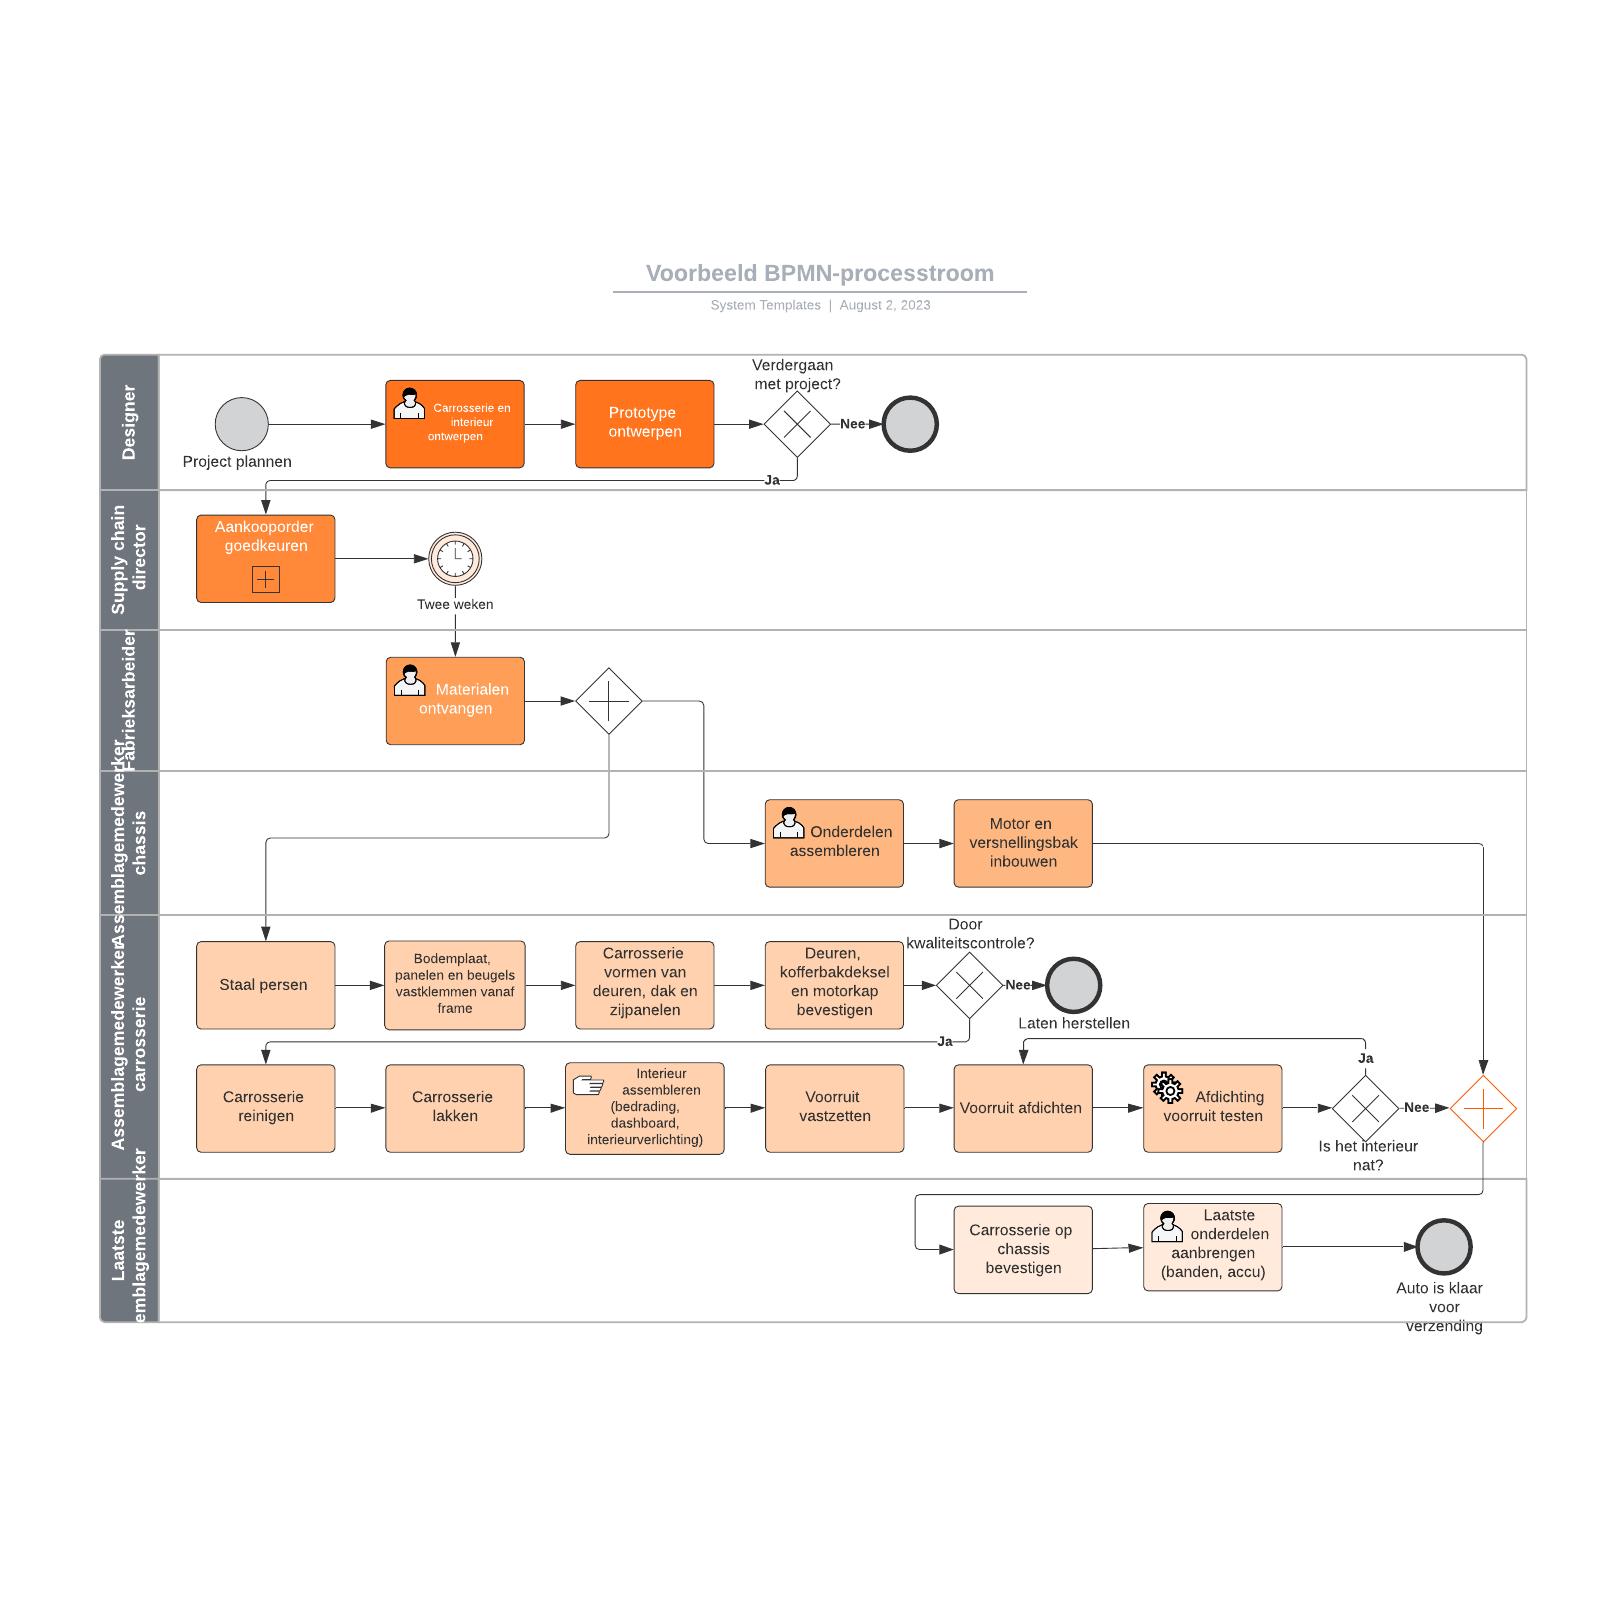 Voorbeeld BPMN-processtroom